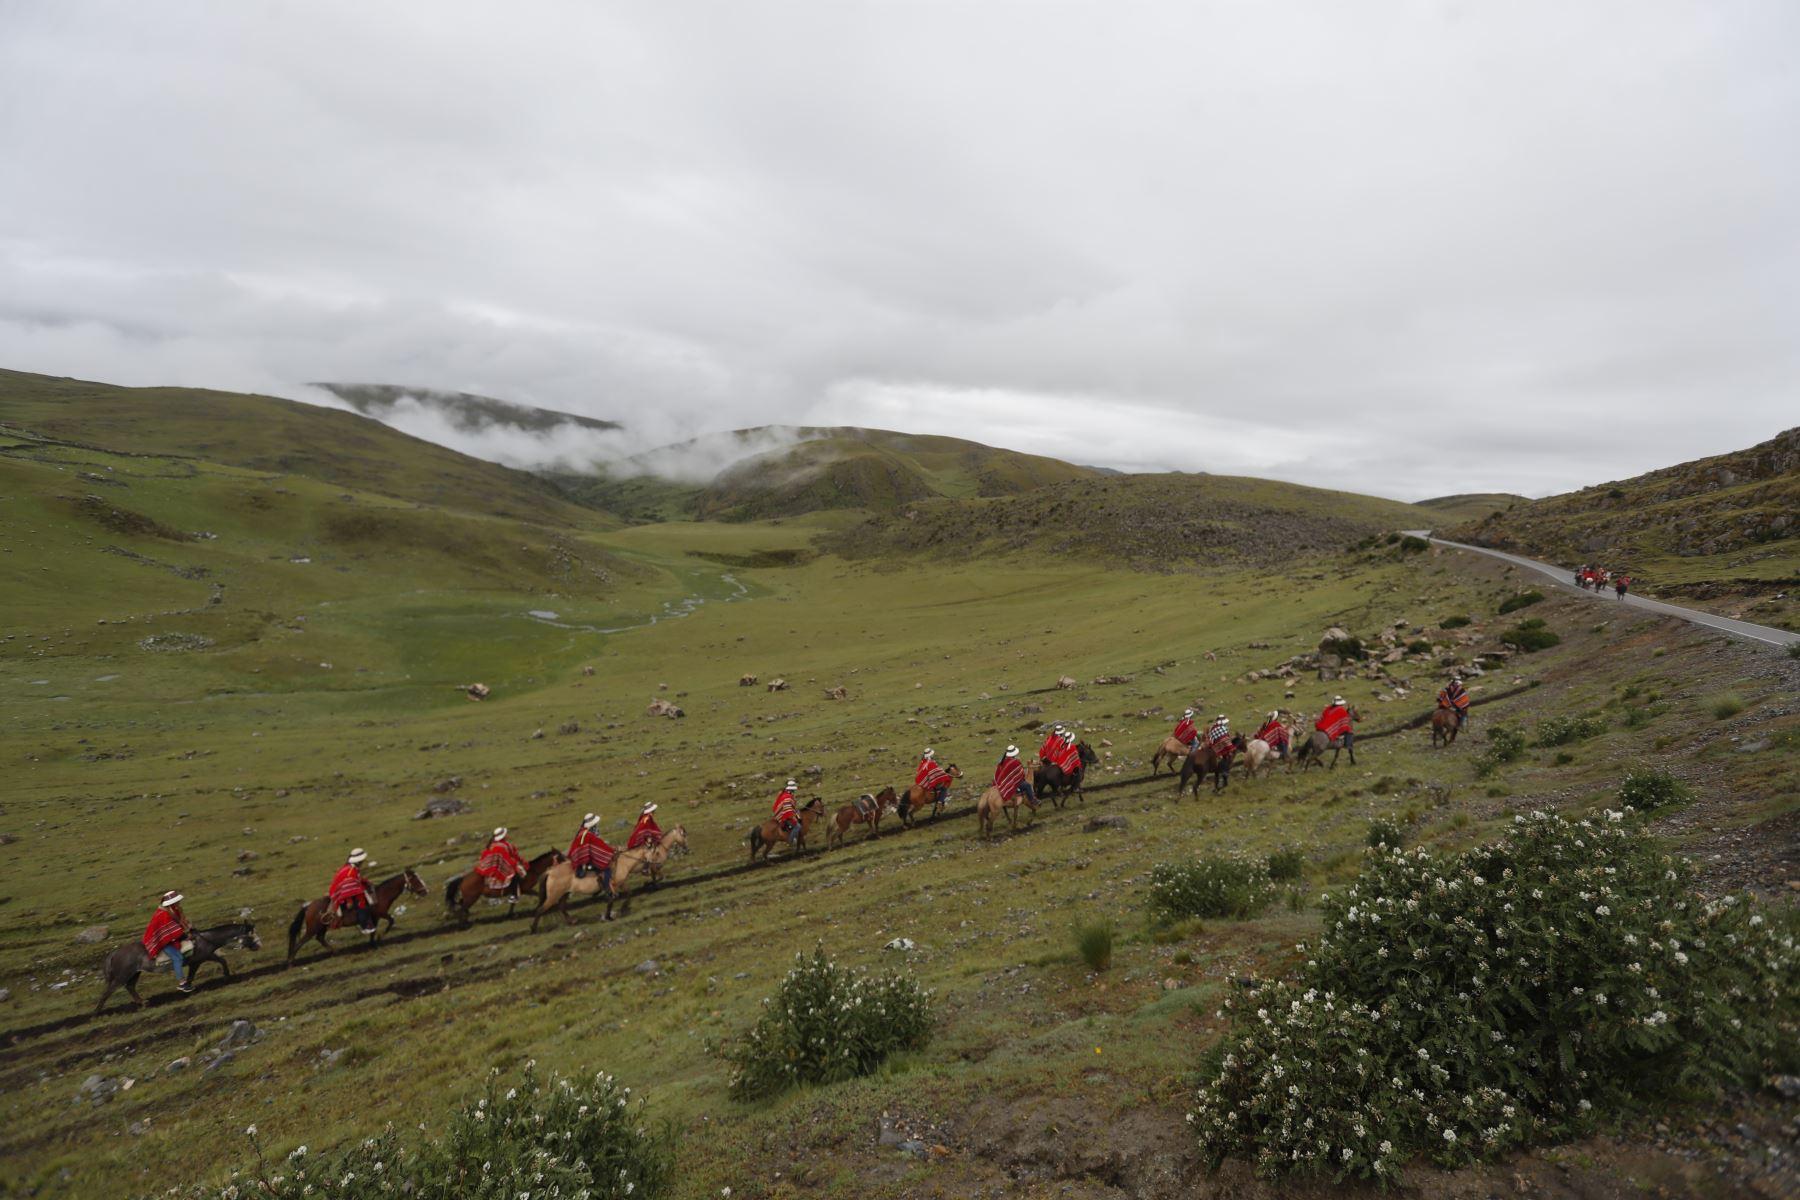 Desde las primeras horas de la mañana, montados en sus caballos, cientos de cotabambinos cabalgan hacia la explanada de Porotopampa, en Tambobamba. Foto: ANDINA/Renato Pajuelo